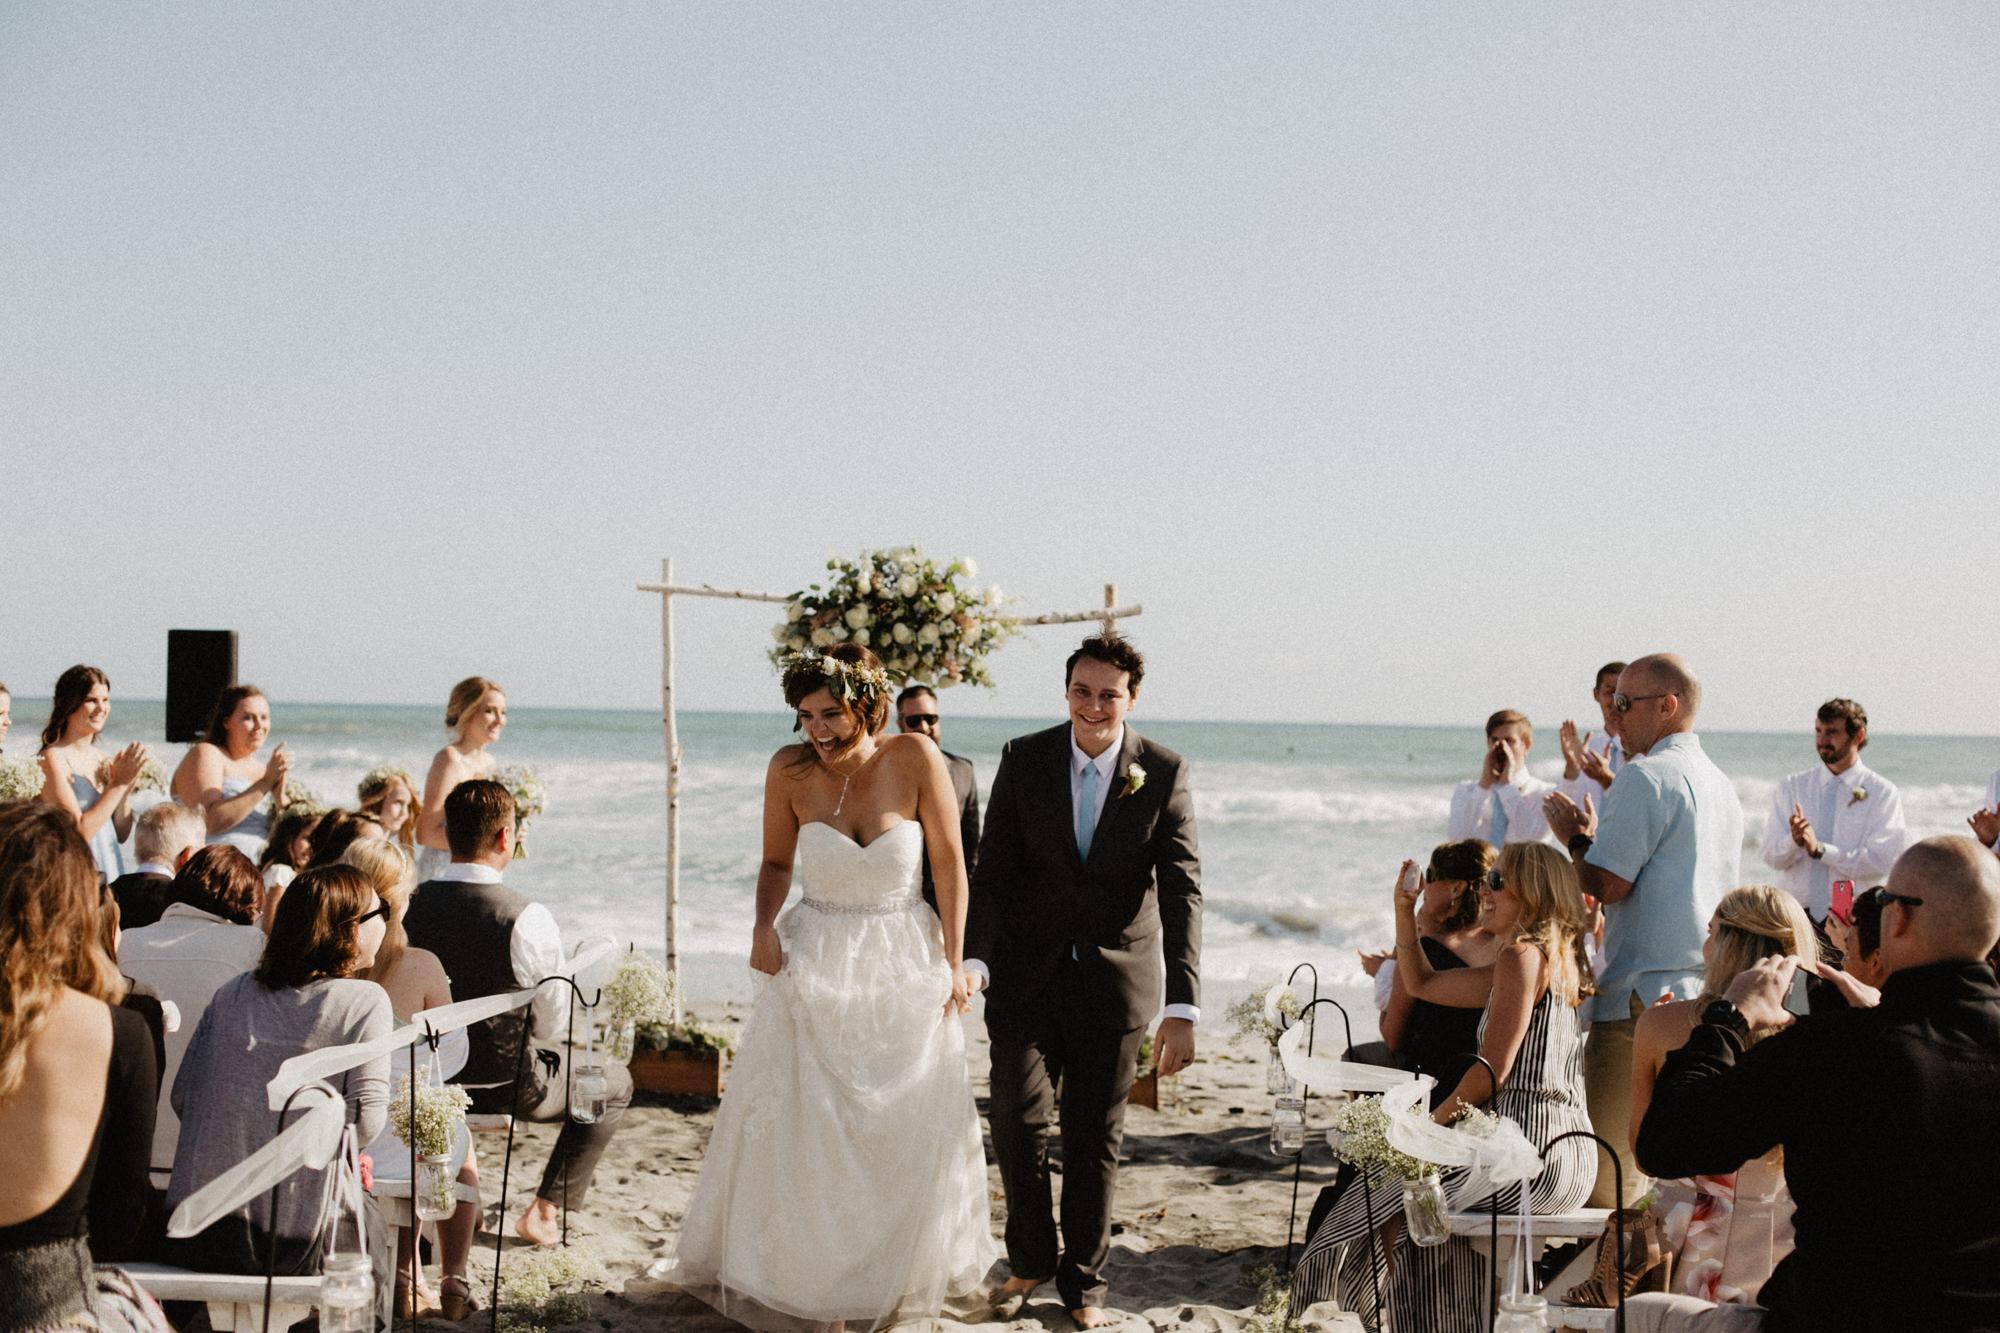 oceanside_airbnb_wedding-35.jpg